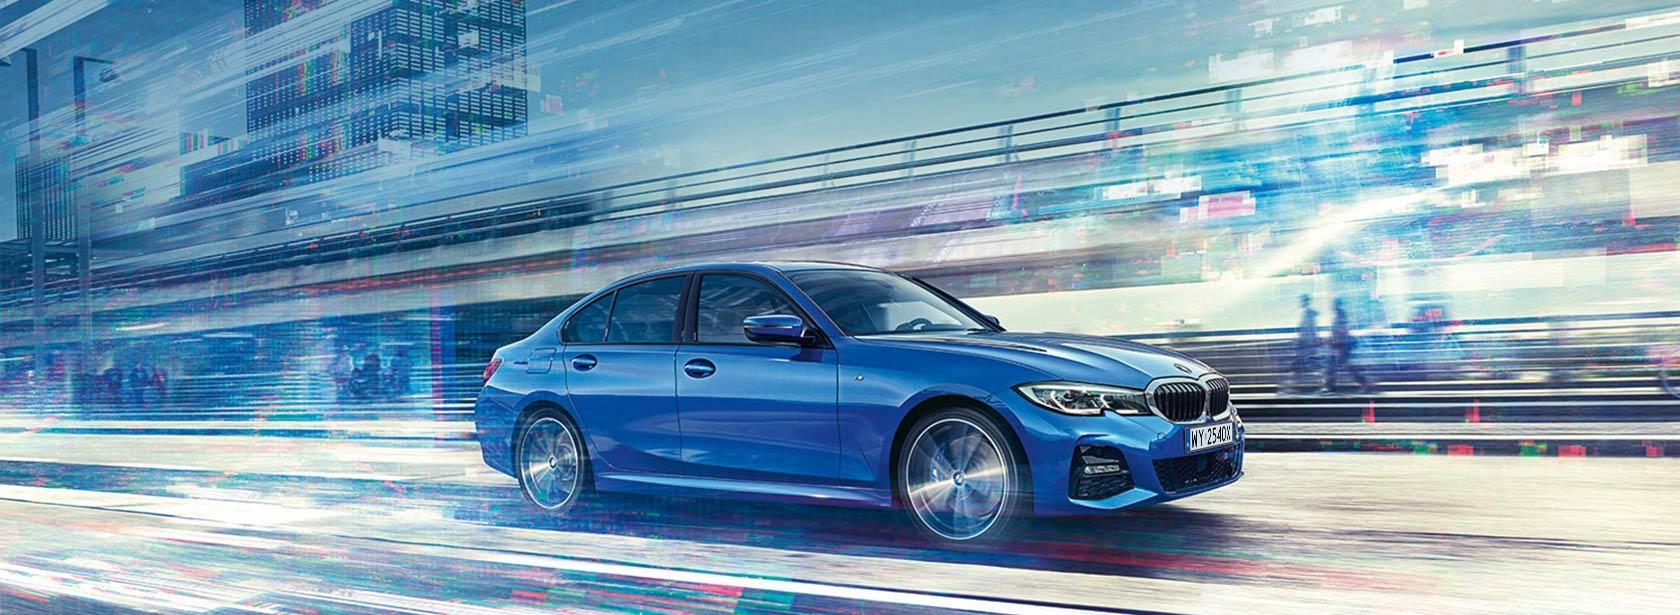 Tylko na zewnątrz Dealer BMW - Serwis BMW | Dealer BMW Dynamic Motors Bydgoszcz OG85